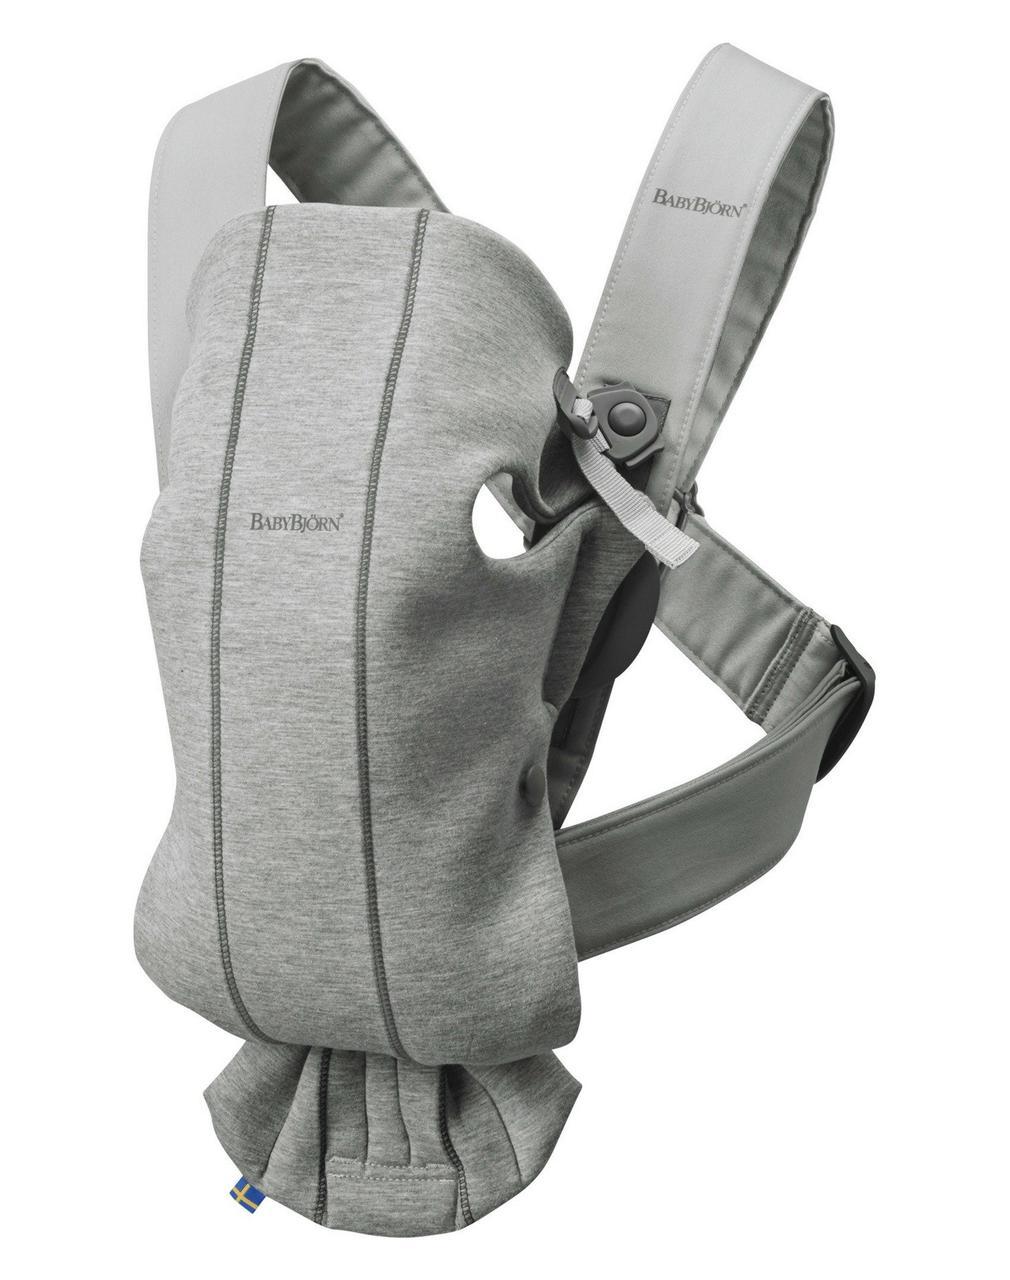 BabyBjorn - рюкзак-кенгуру для младенцев MINI 3D Джерси, светло-серый